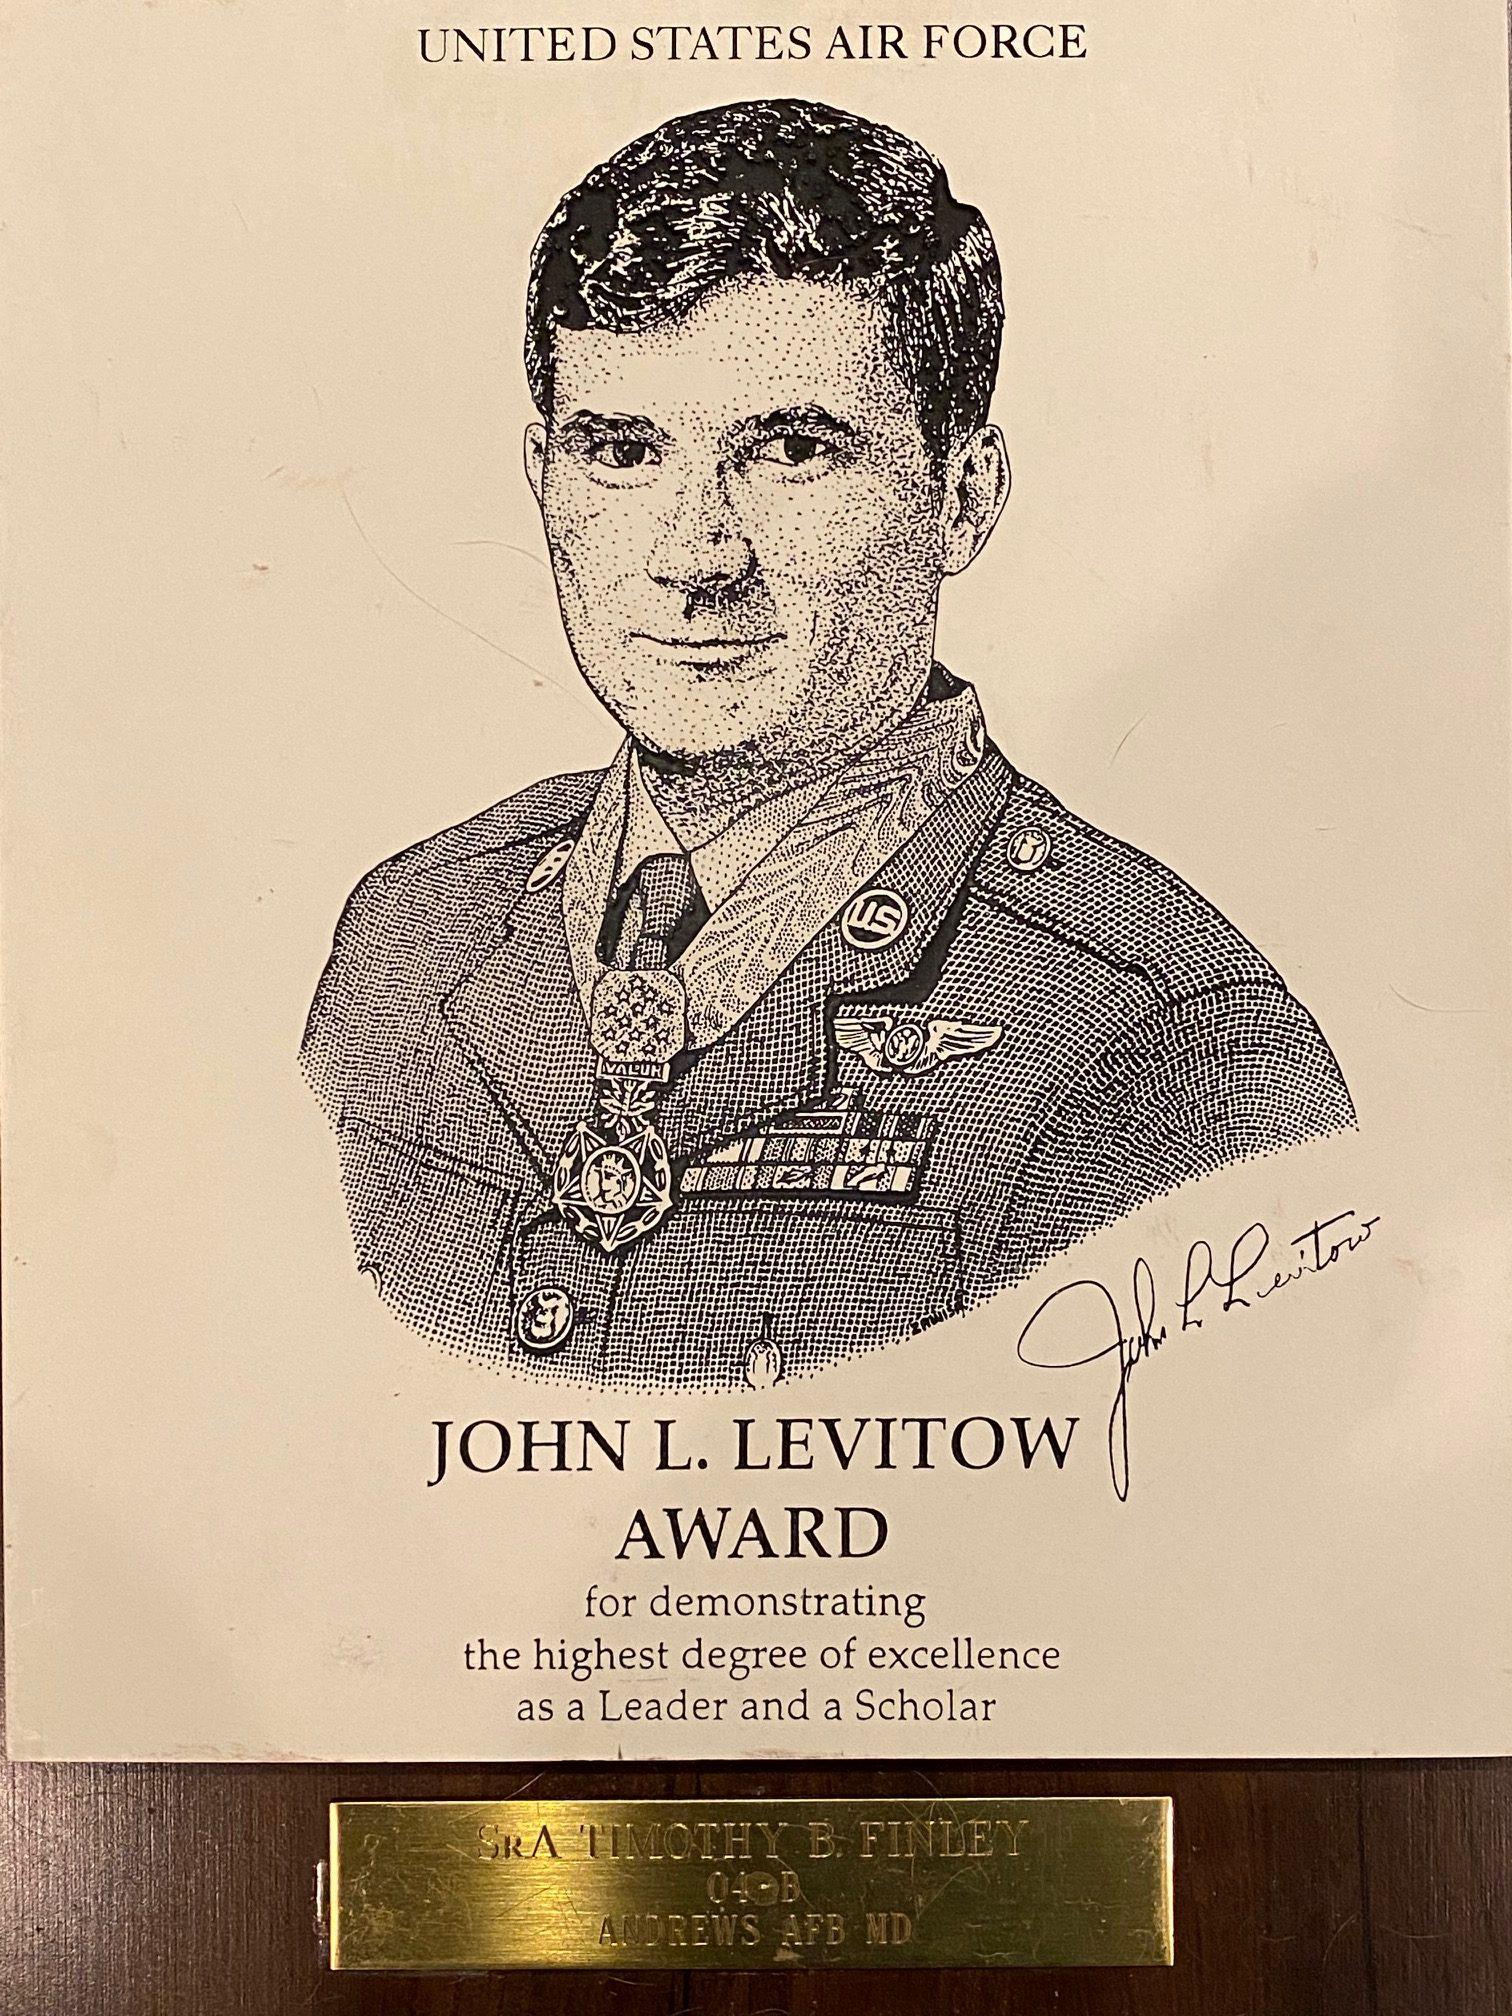 Levitow